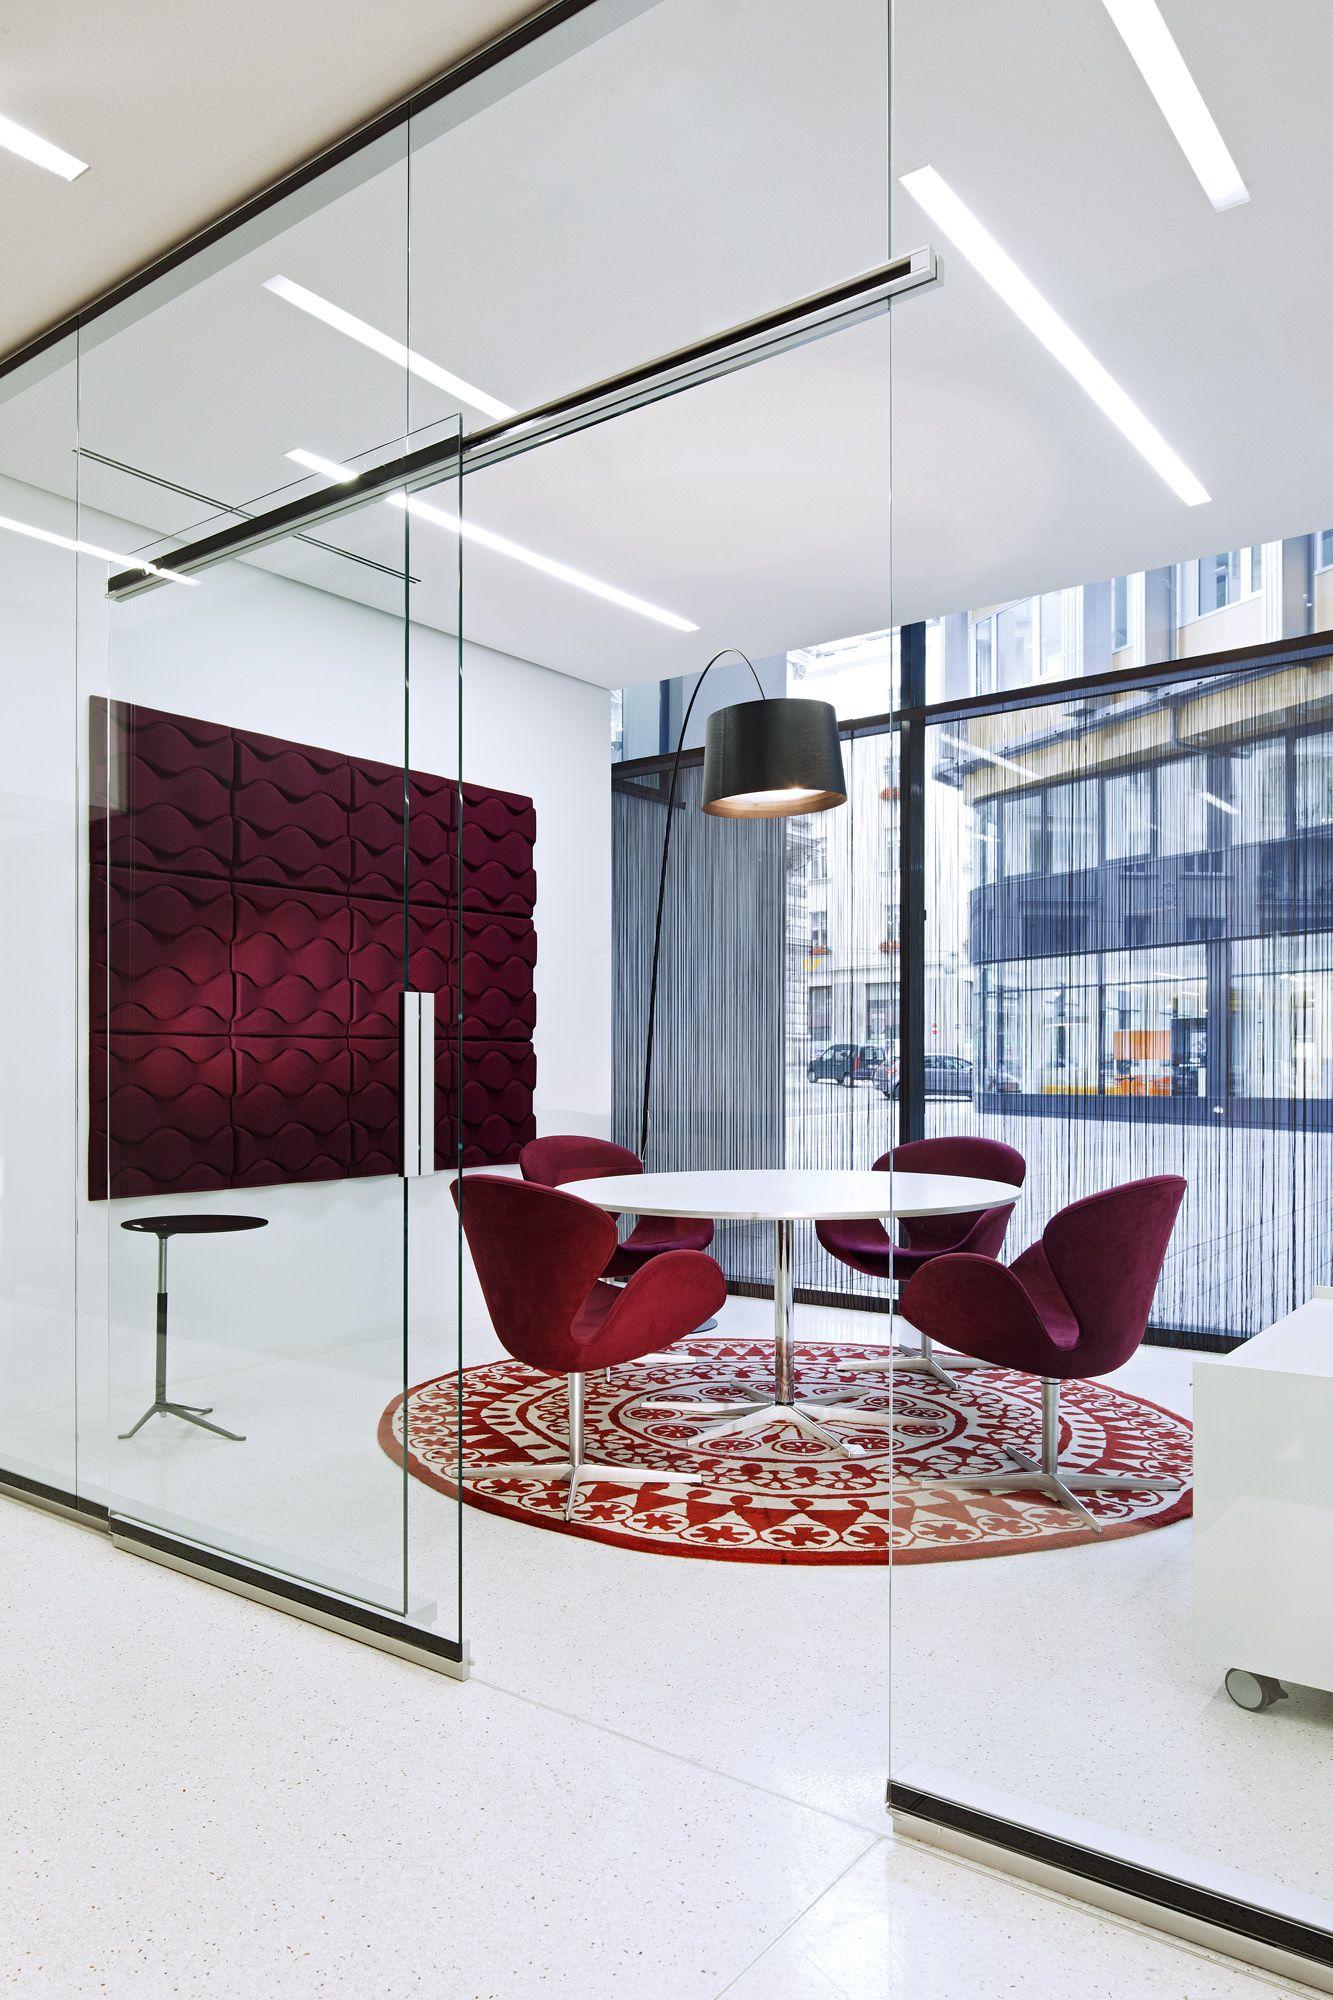 Samt Sessel Wohndesign Wohnzimmer Ideen Brabbu Einrichtungsideen Luxus Mobel Wohnidee Moderne Burogestaltung Buromobel Design Innenausstattung Buro